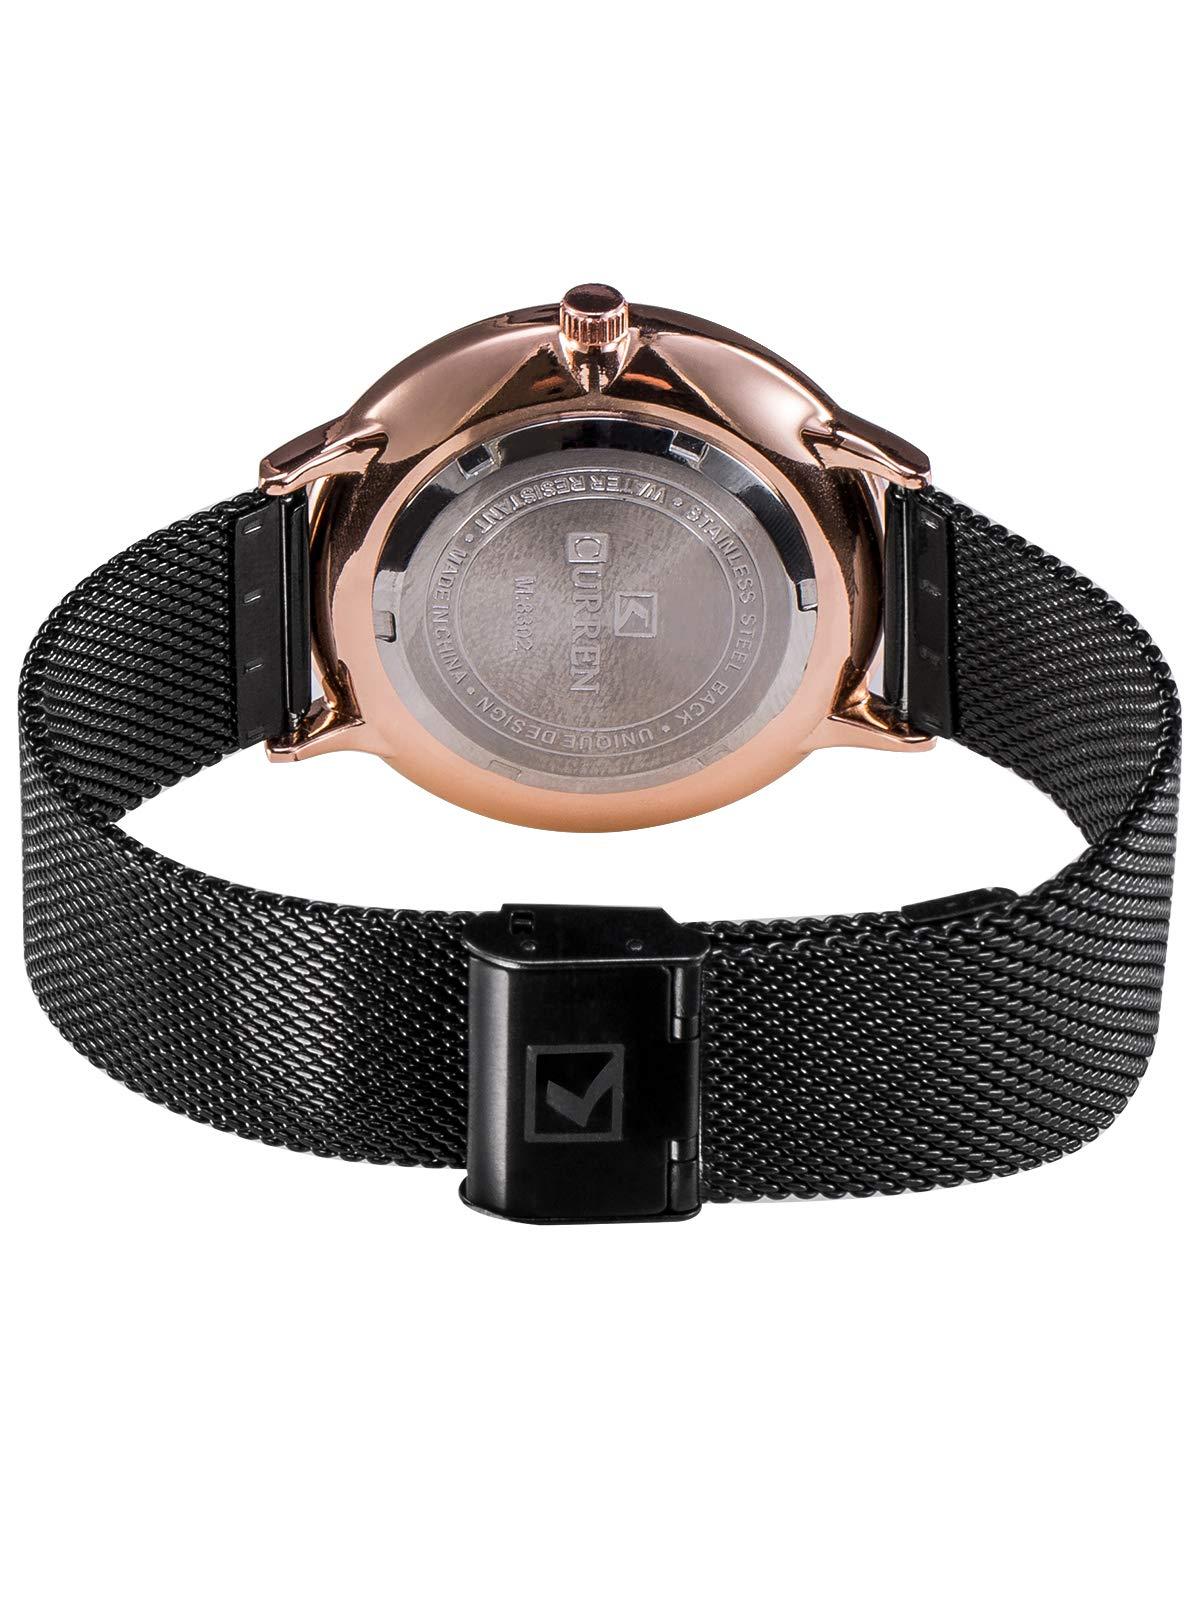 Herren Uhren Edelstahl Mesh Armband Uhren Männer Wasserdicht Datum Kalender Geschäfts Klassisch Analog Quarz Dünn Armbanduhr Gents Luxus Schwarz Uhr mit Schwarz Zifferblat